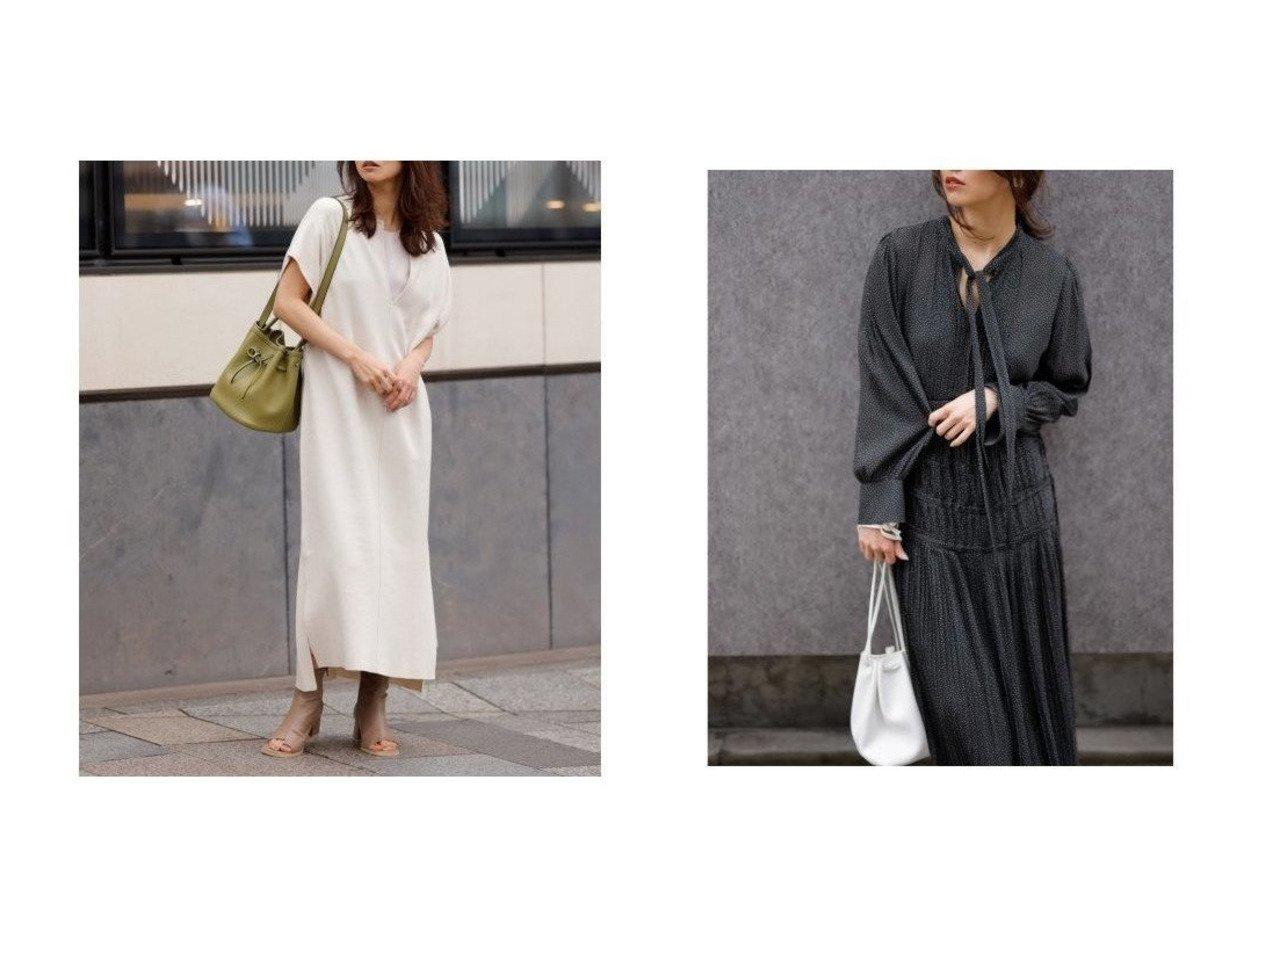 【FRAY I.D/フレイ アイディー】の2wayジョーゼットプリーツワンピース&レイヤードカフタンニットワンピース ワンピース・ドレスのおすすめ!人気、トレンド・レディースファッションの通販 おすすめで人気の流行・トレンド、ファッションの通販商品 メンズファッション・キッズファッション・インテリア・家具・レディースファッション・服の通販 founy(ファニー) https://founy.com/ ファッション Fashion レディースファッション WOMEN ワンピース Dress ニットワンピース Knit Dresses ジョーゼット スマート ドット フェミニン プリーツ ベスト 無地 リボン ロング 再入荷 Restock/Back in Stock/Re Arrival インナー サテン スリット おすすめ Recommend |ID:crp329100000024609